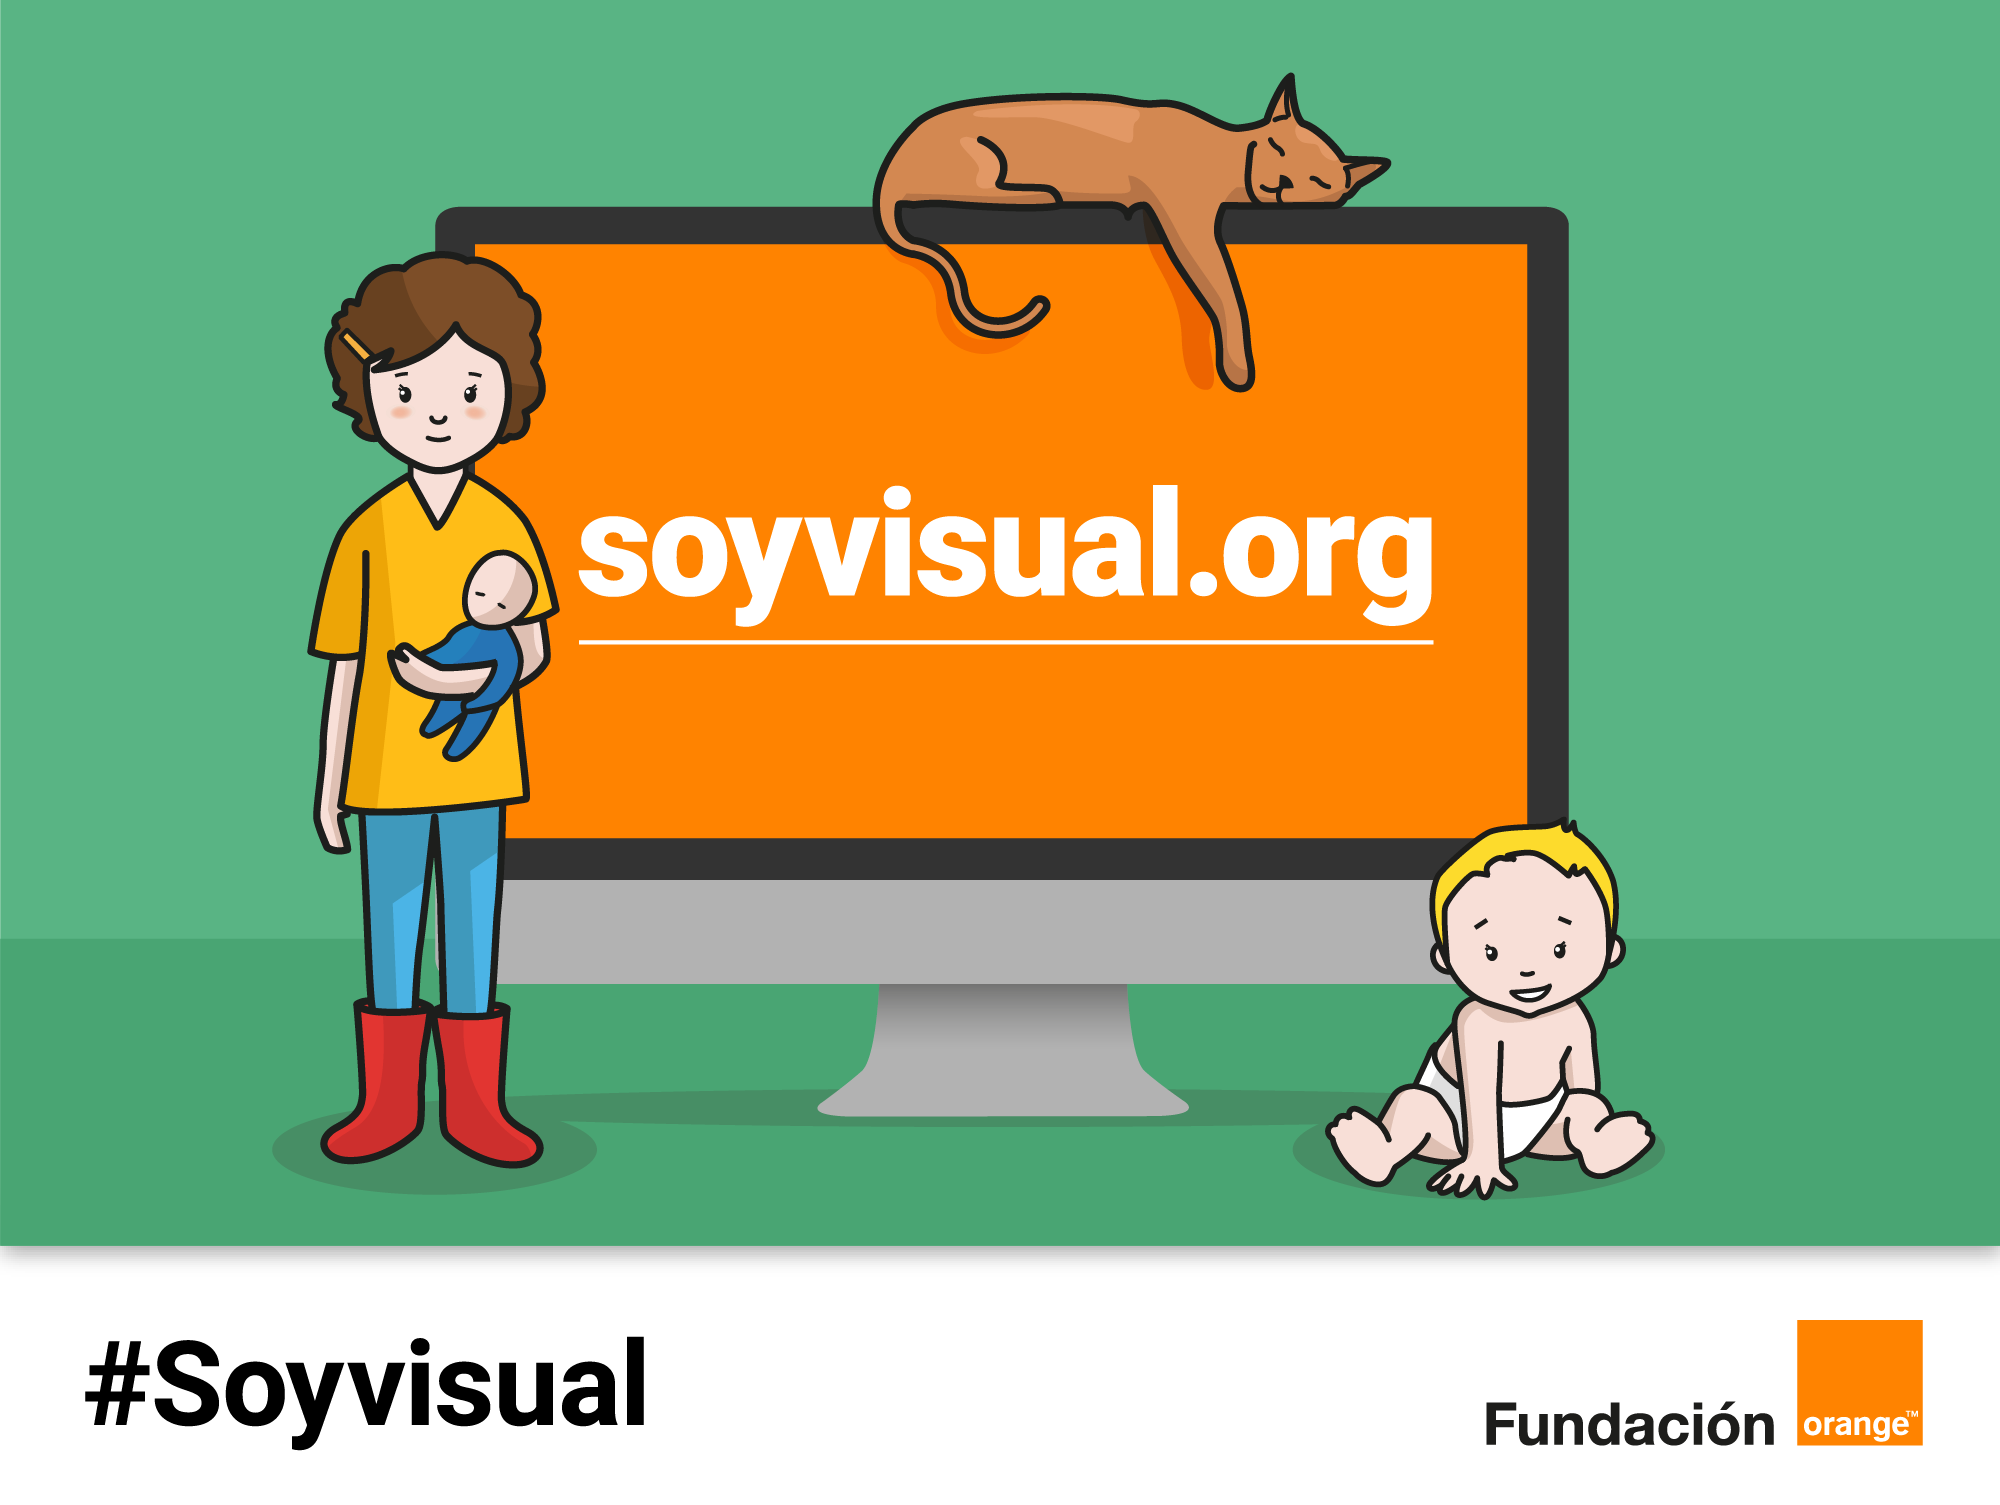 Risultati immagini per http://www.soyvisual.org/fotos/adivinar